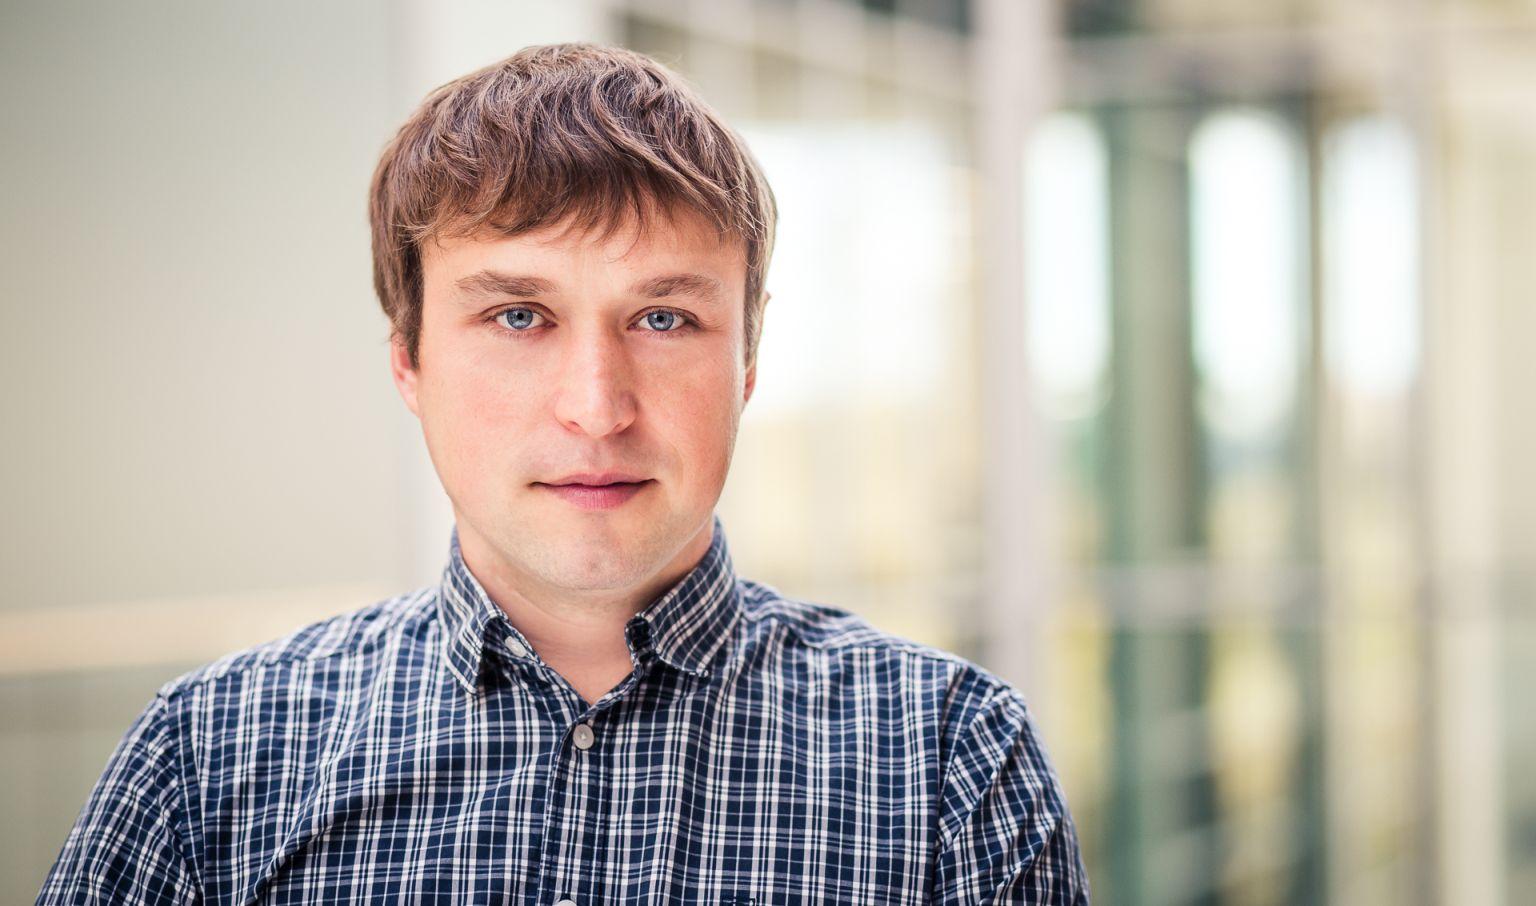 Krzysztof Walas